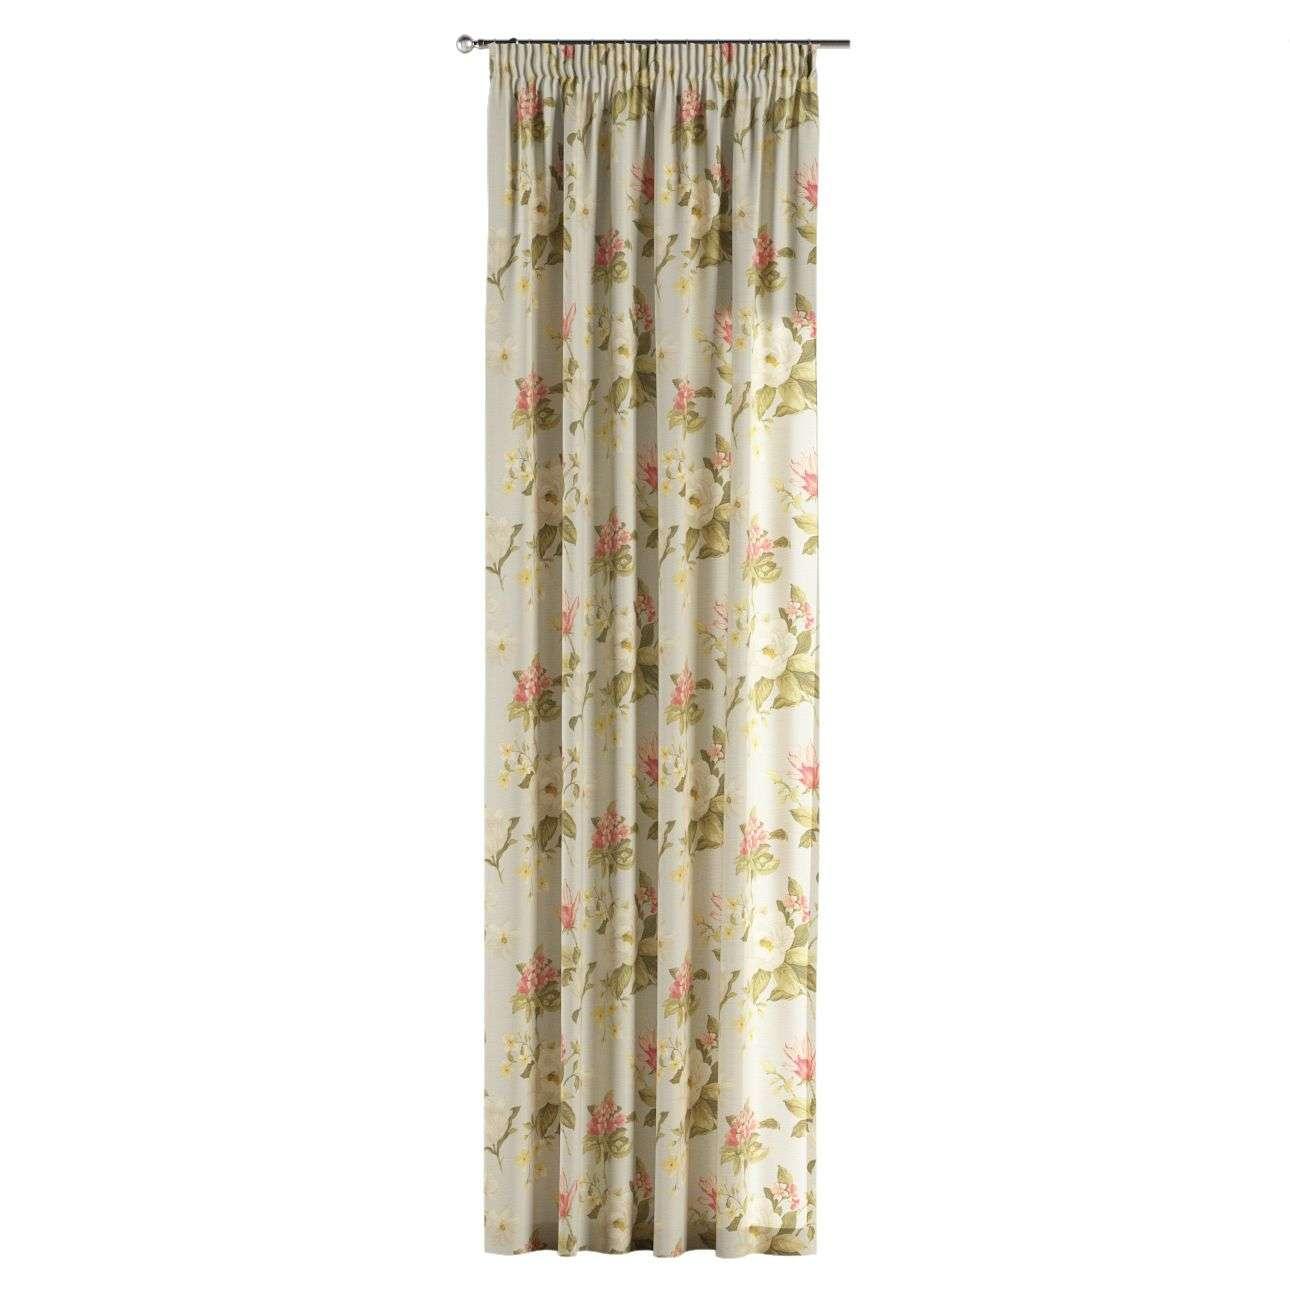 Vorhang mit Kräuselband 1 Stck. 130 x 260 cm von der Kollektion Londres, Stoff: 123-65